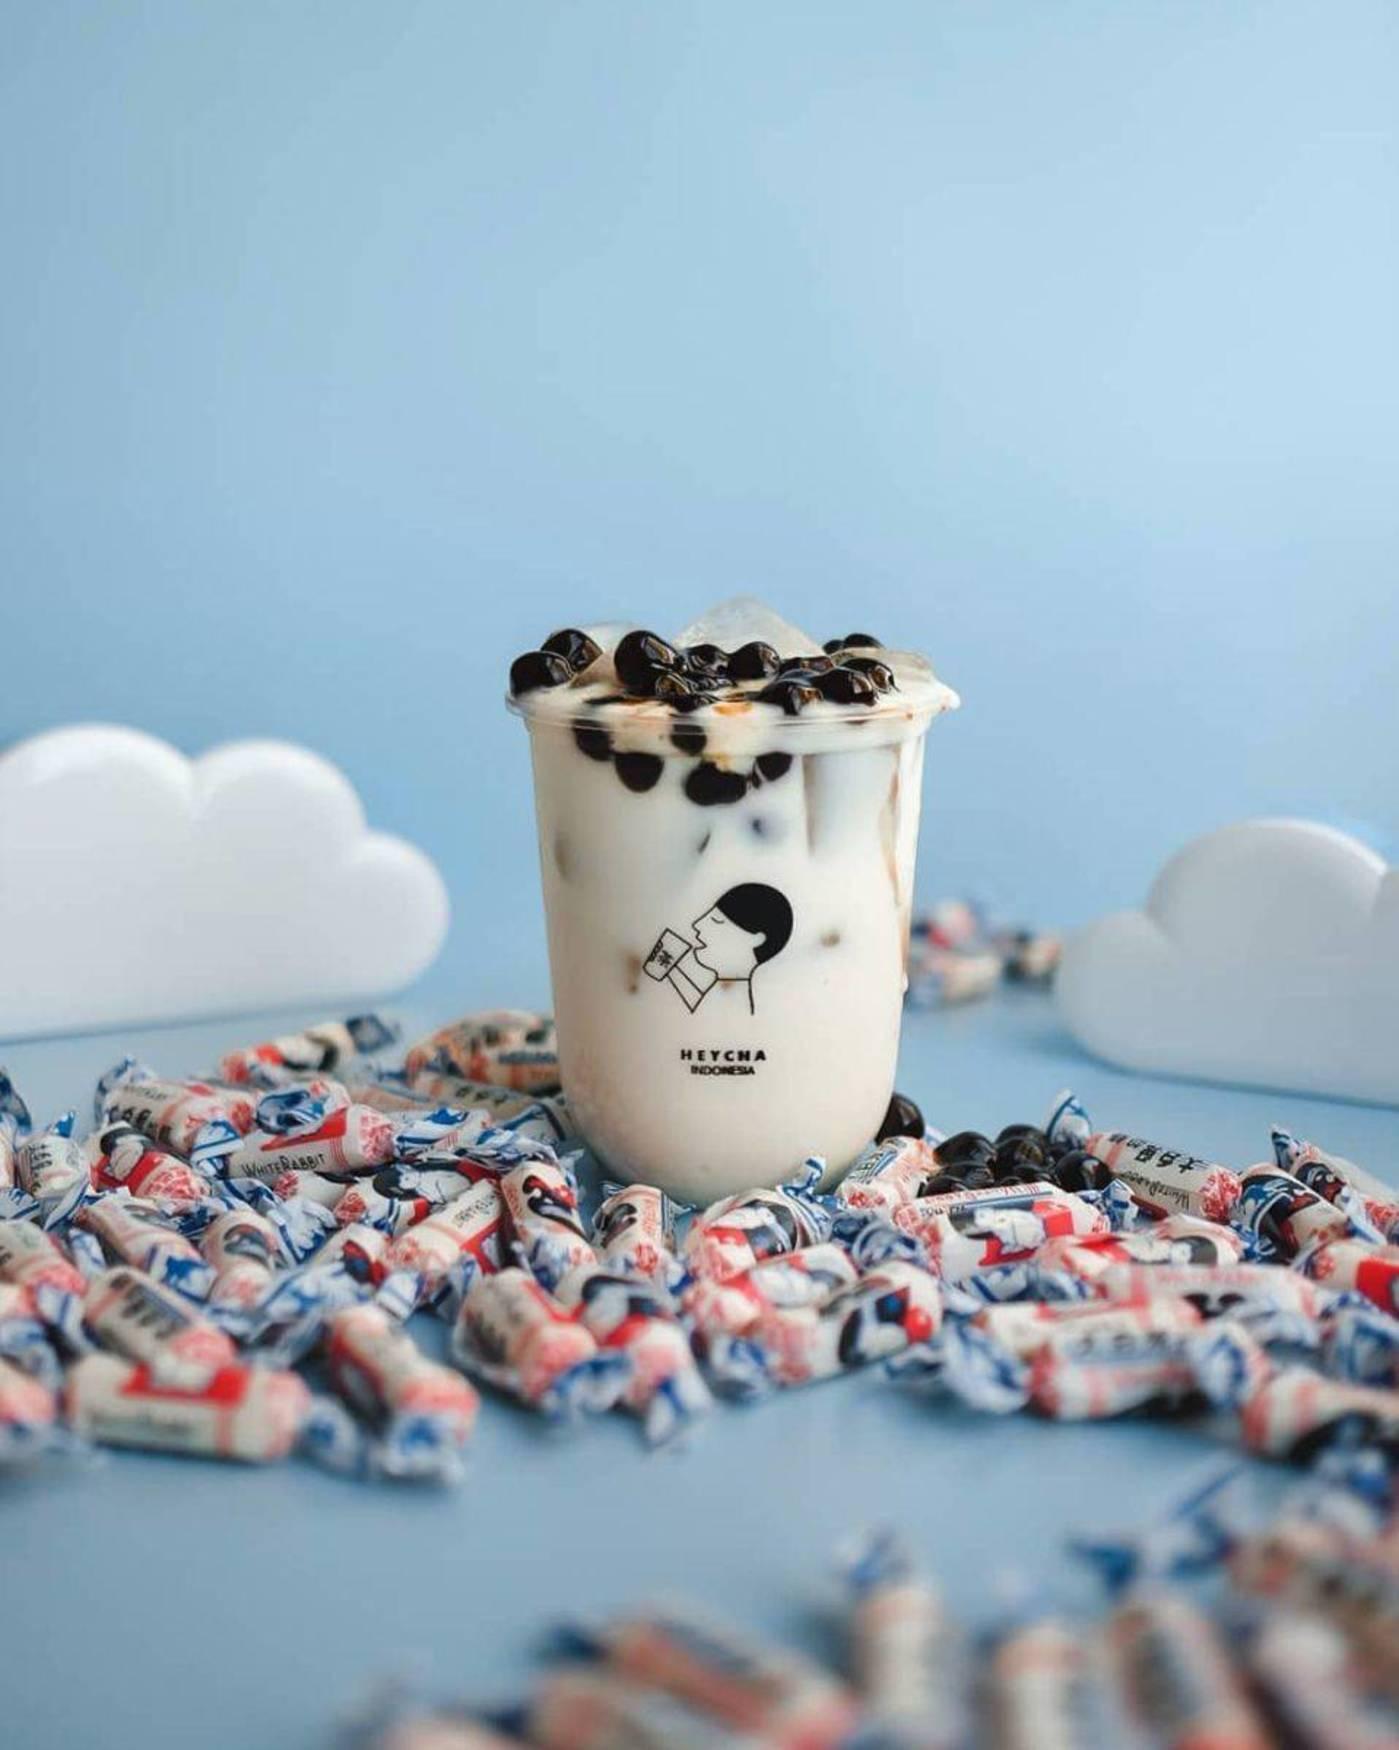 推出了大白兔奶糖味的奶茶——喜茶甚至都还没有这款饮品。